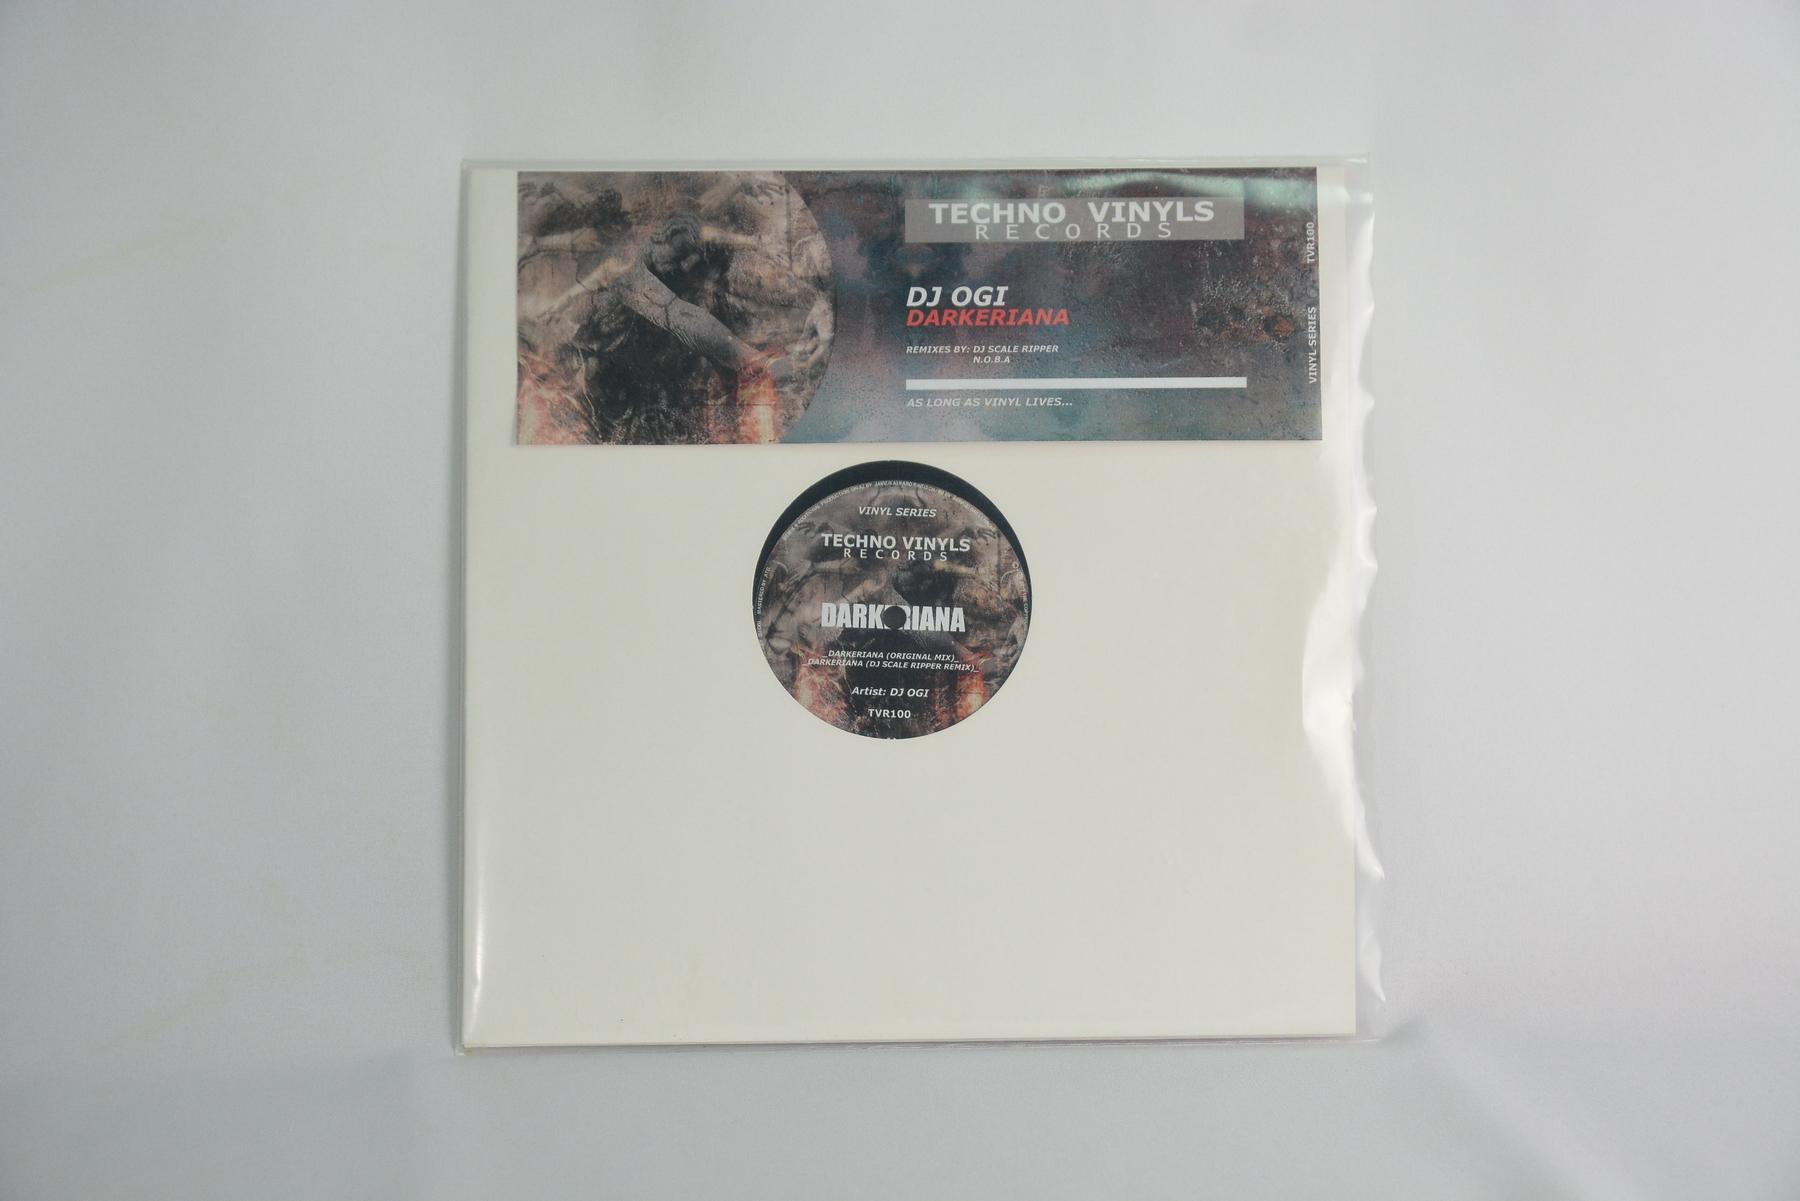 DJ Ogi – Darkeriana  EP